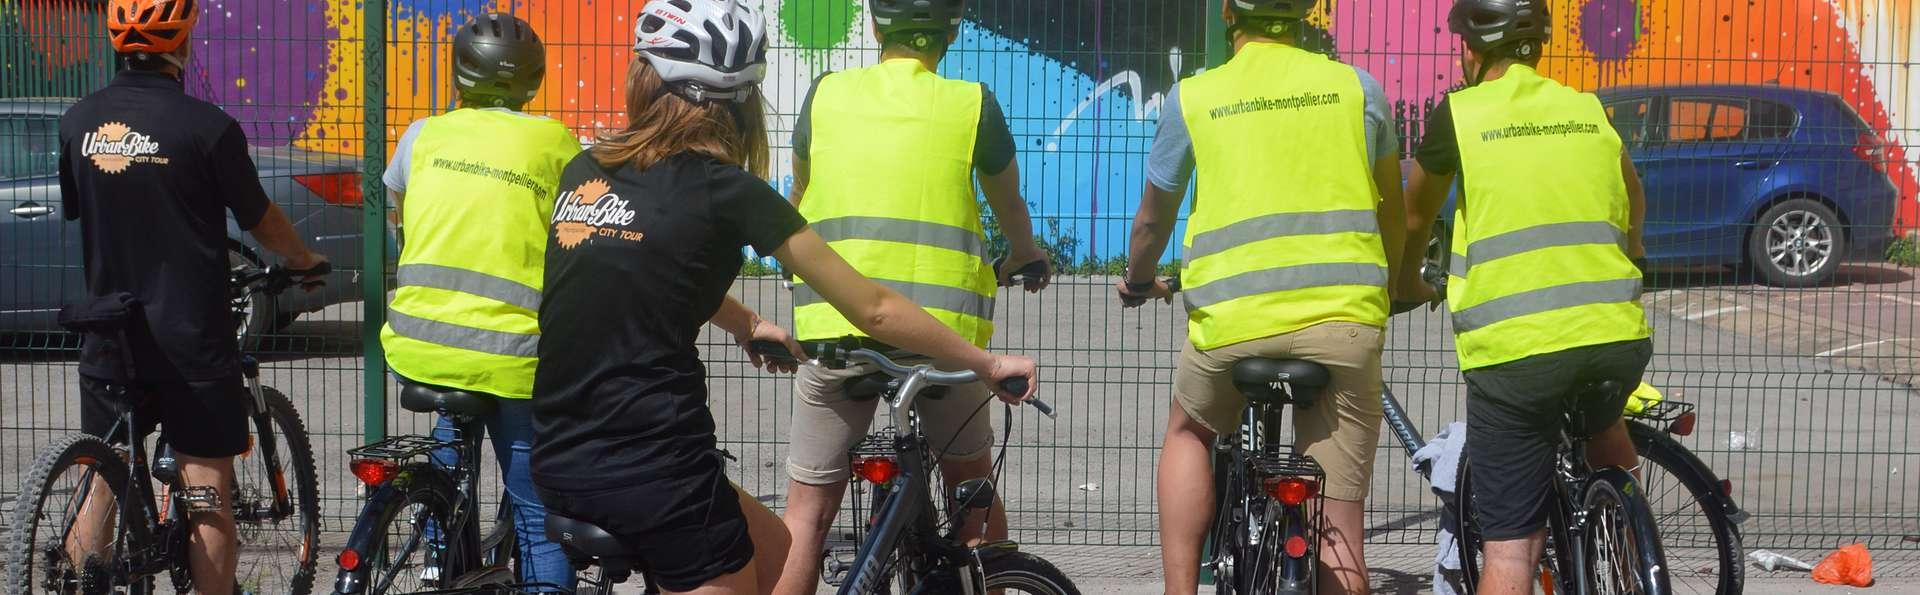 Week-end découverte de Montpellier en famille avec visite guidée en vélo